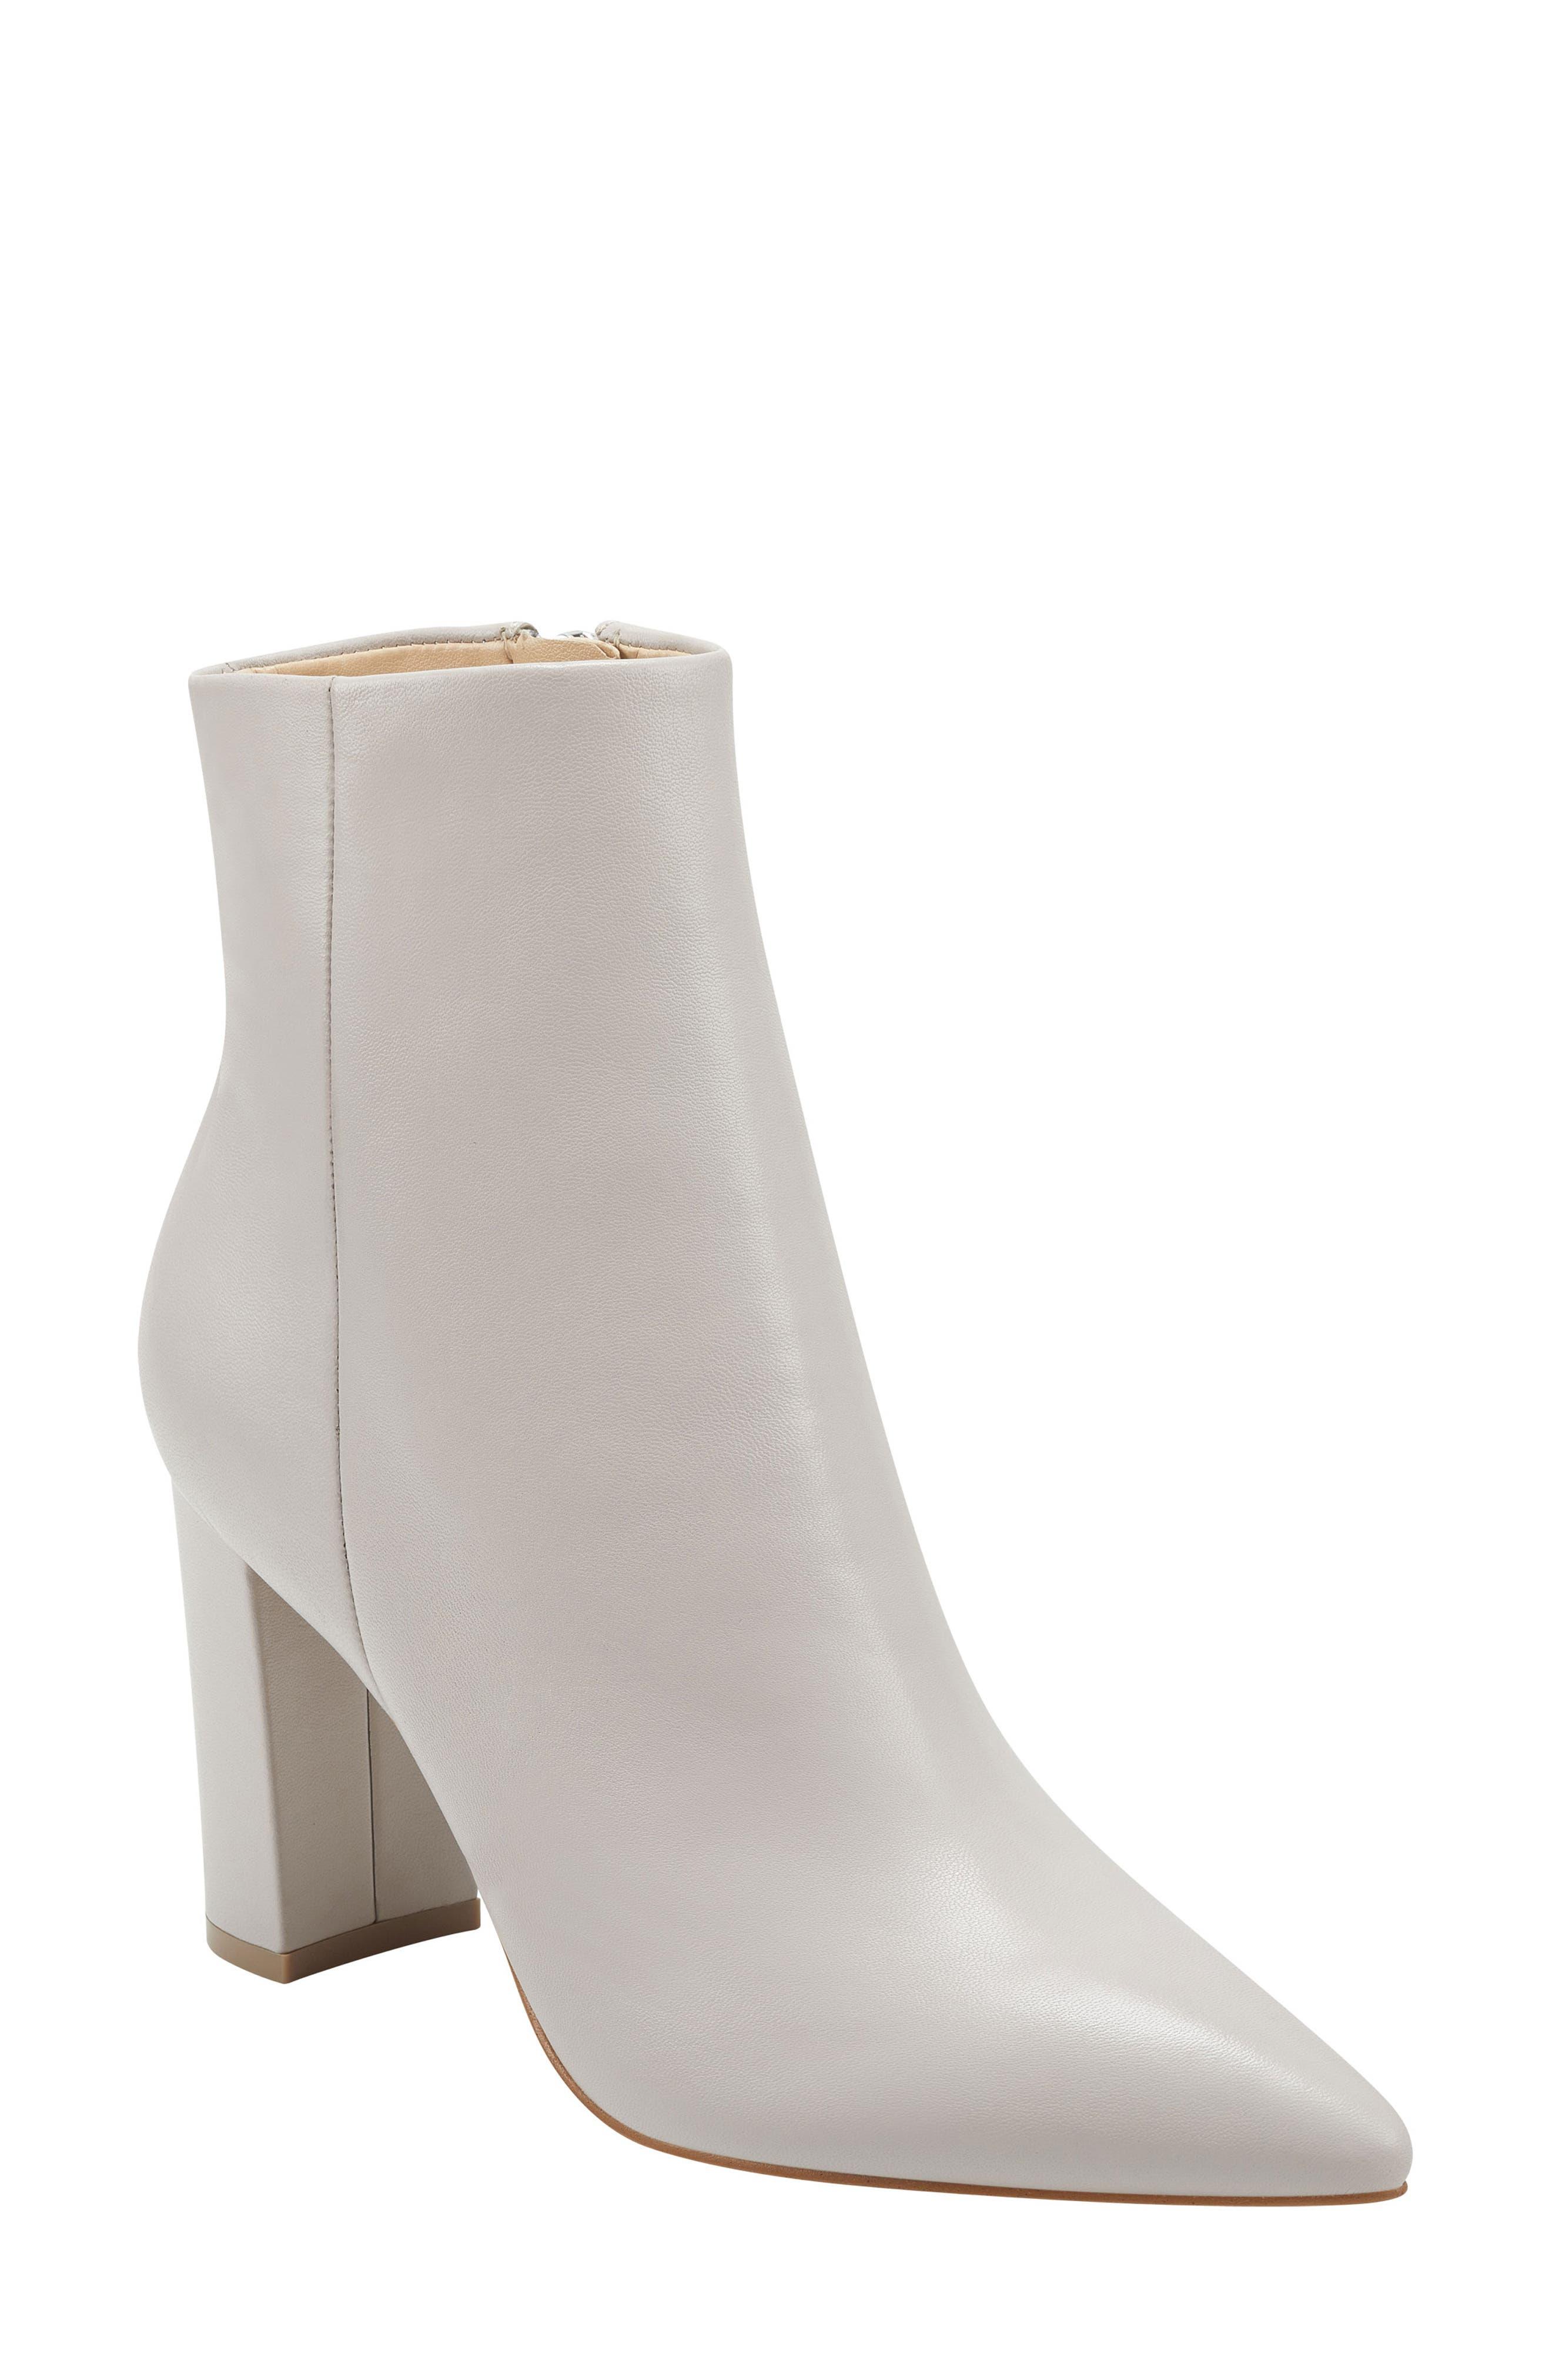 Marc Fisher Ltd. Ulani Pointy Toe Bootie, Grey